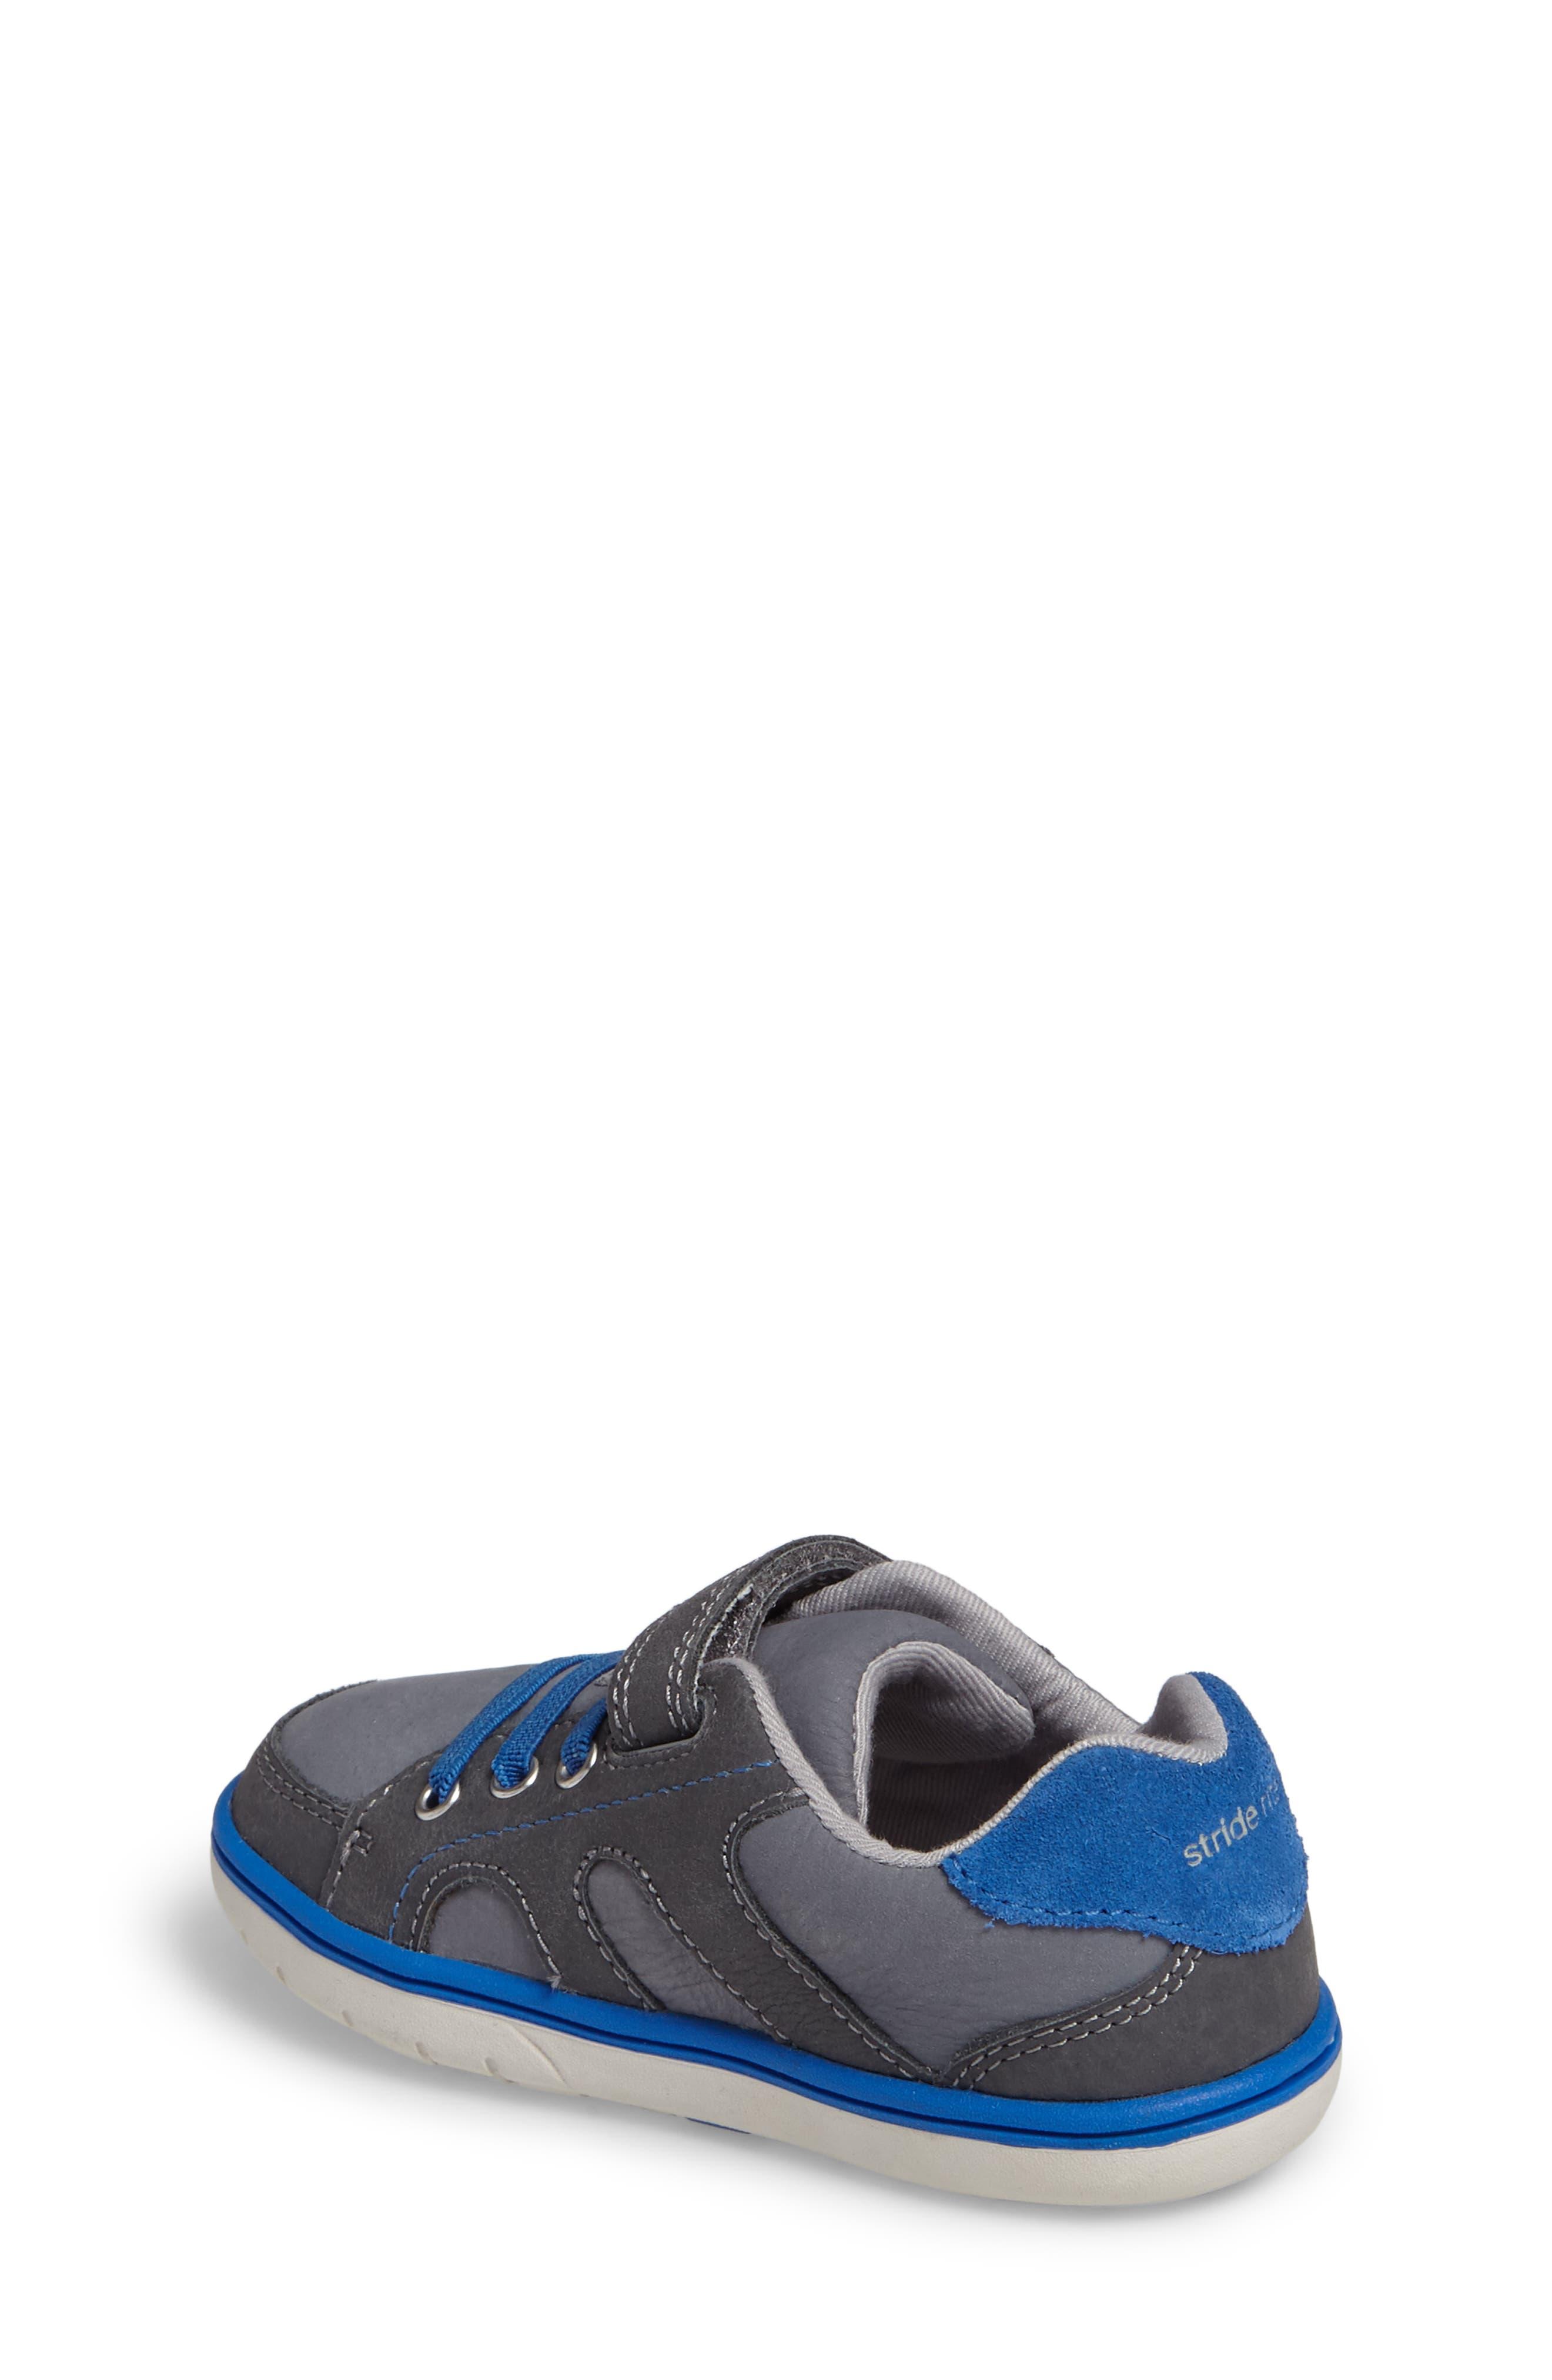 Alternate Image 2  - Stride Rite SRT Noe Sneaker (Baby, Walker, Toddler & Little Kid)